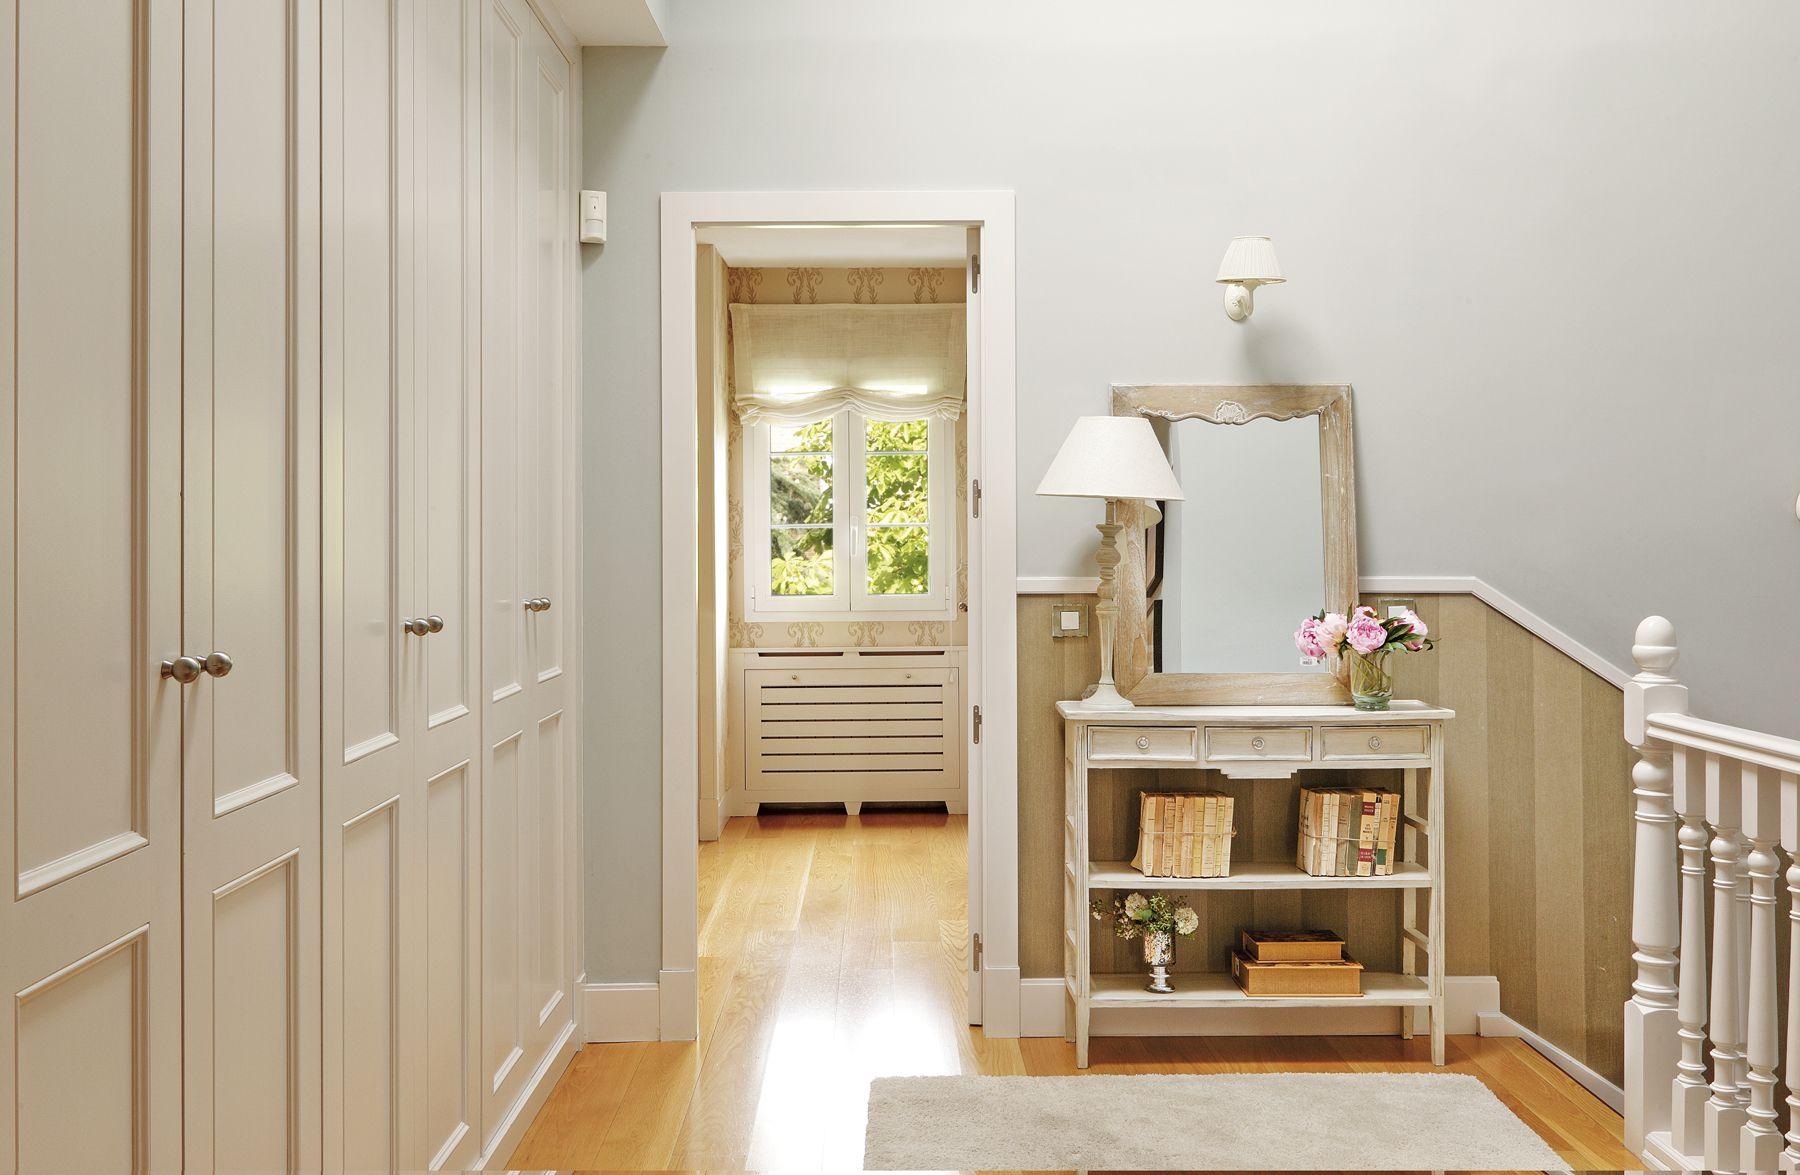 Decora sin ocupar salones armarios armarios for Decorar puertas armario